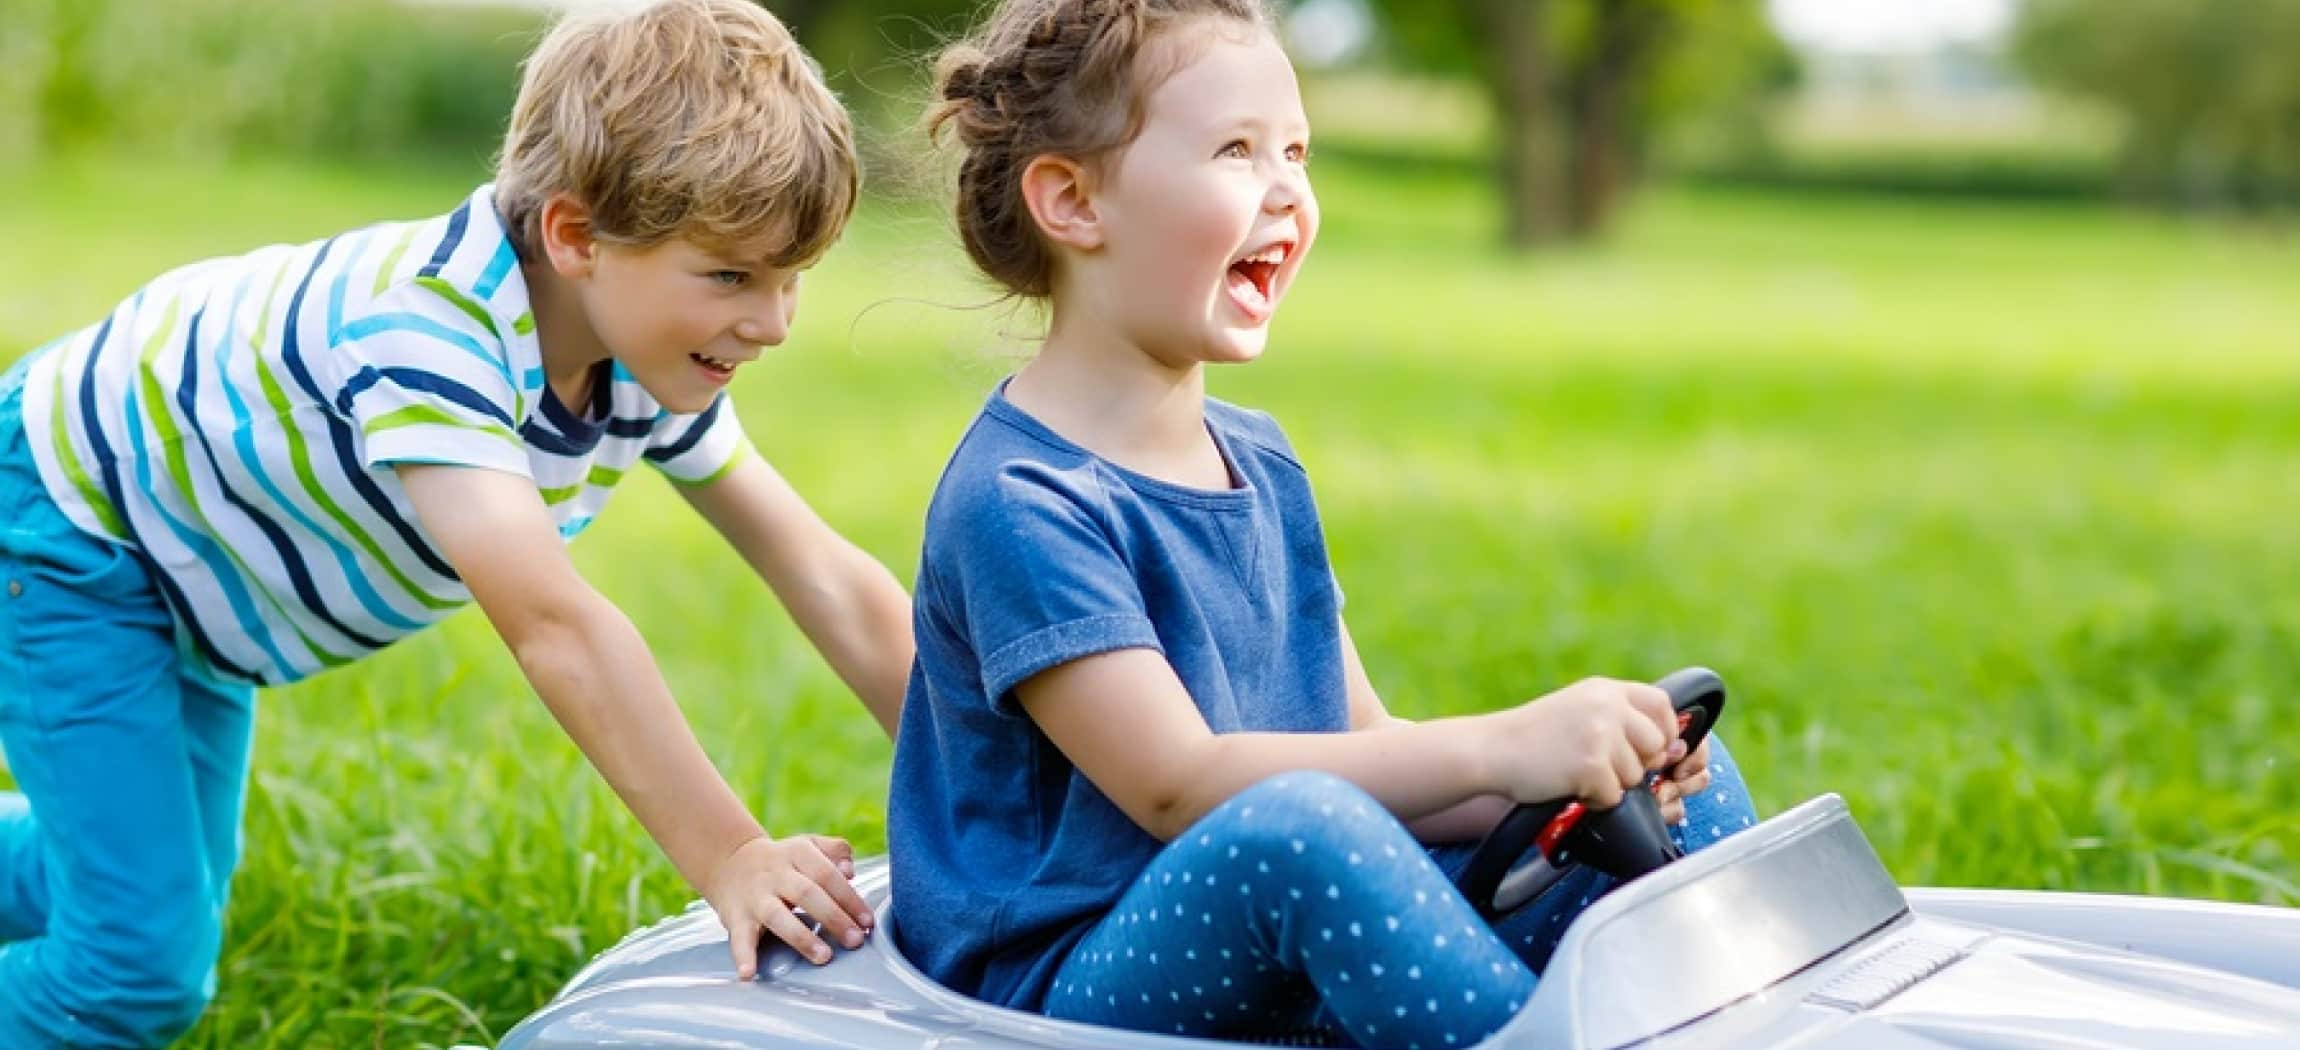 Meisje zit in speelgoedauto buiten in tuin en wordt geduwd door jongen